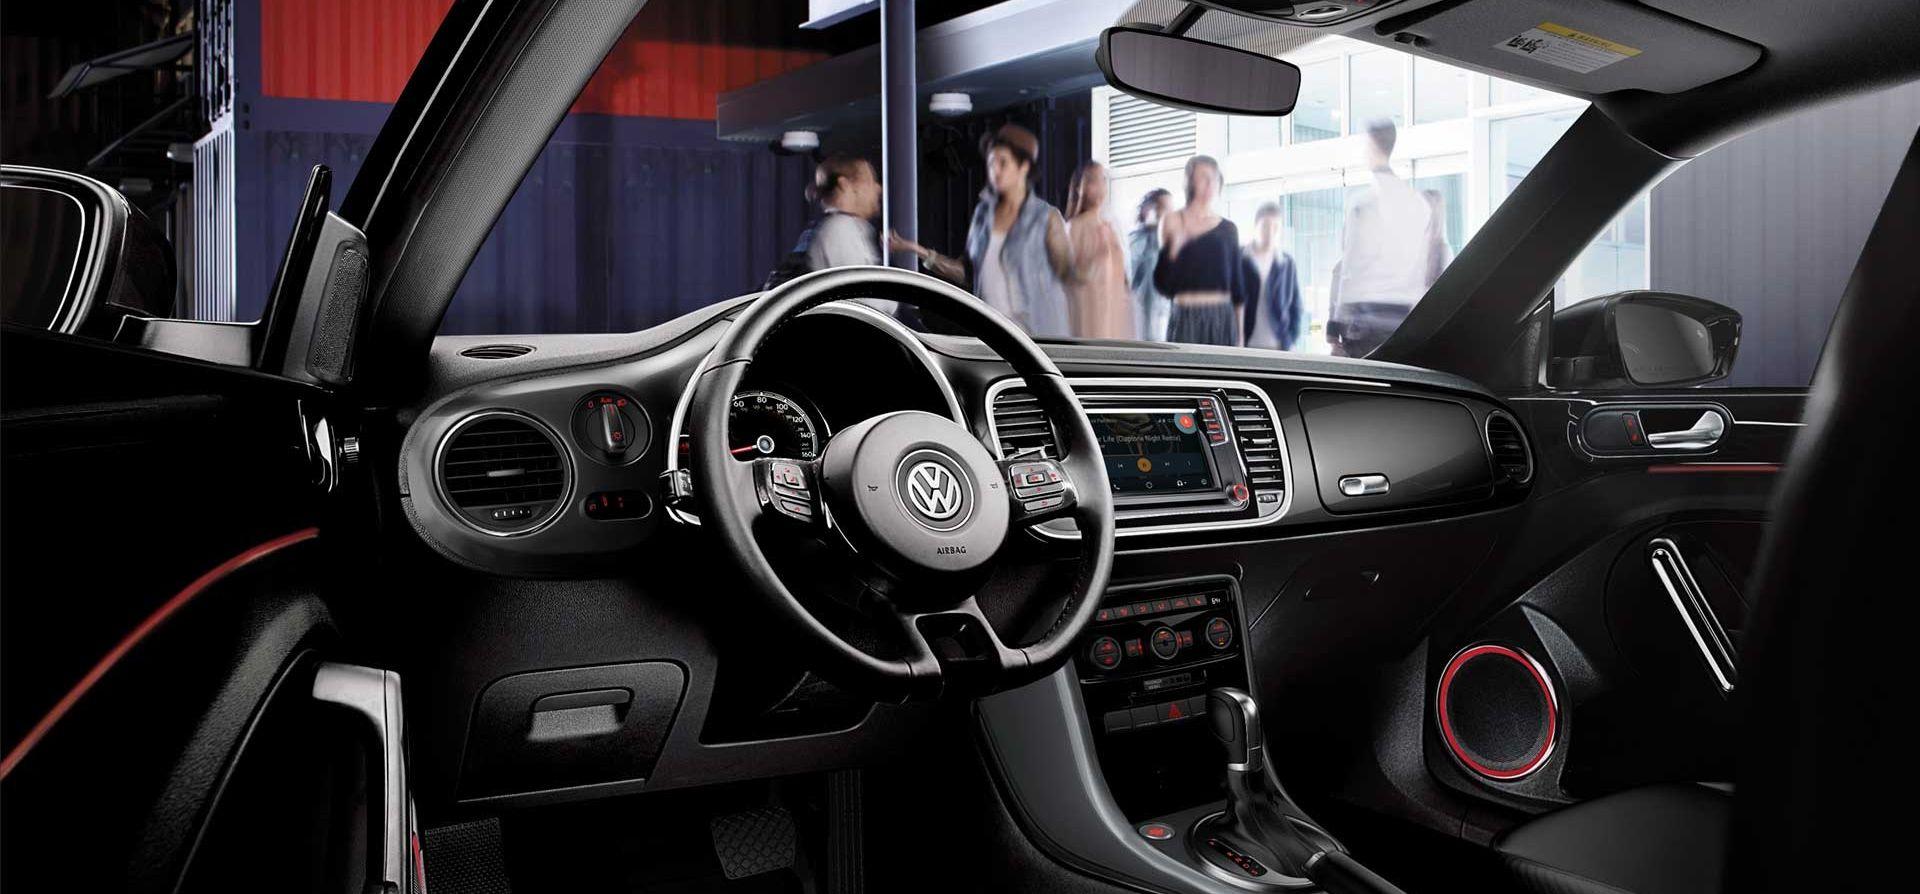 Volkswagen Beetle 2019 SE con interior de cuero sintético V-Tex en Titan Black